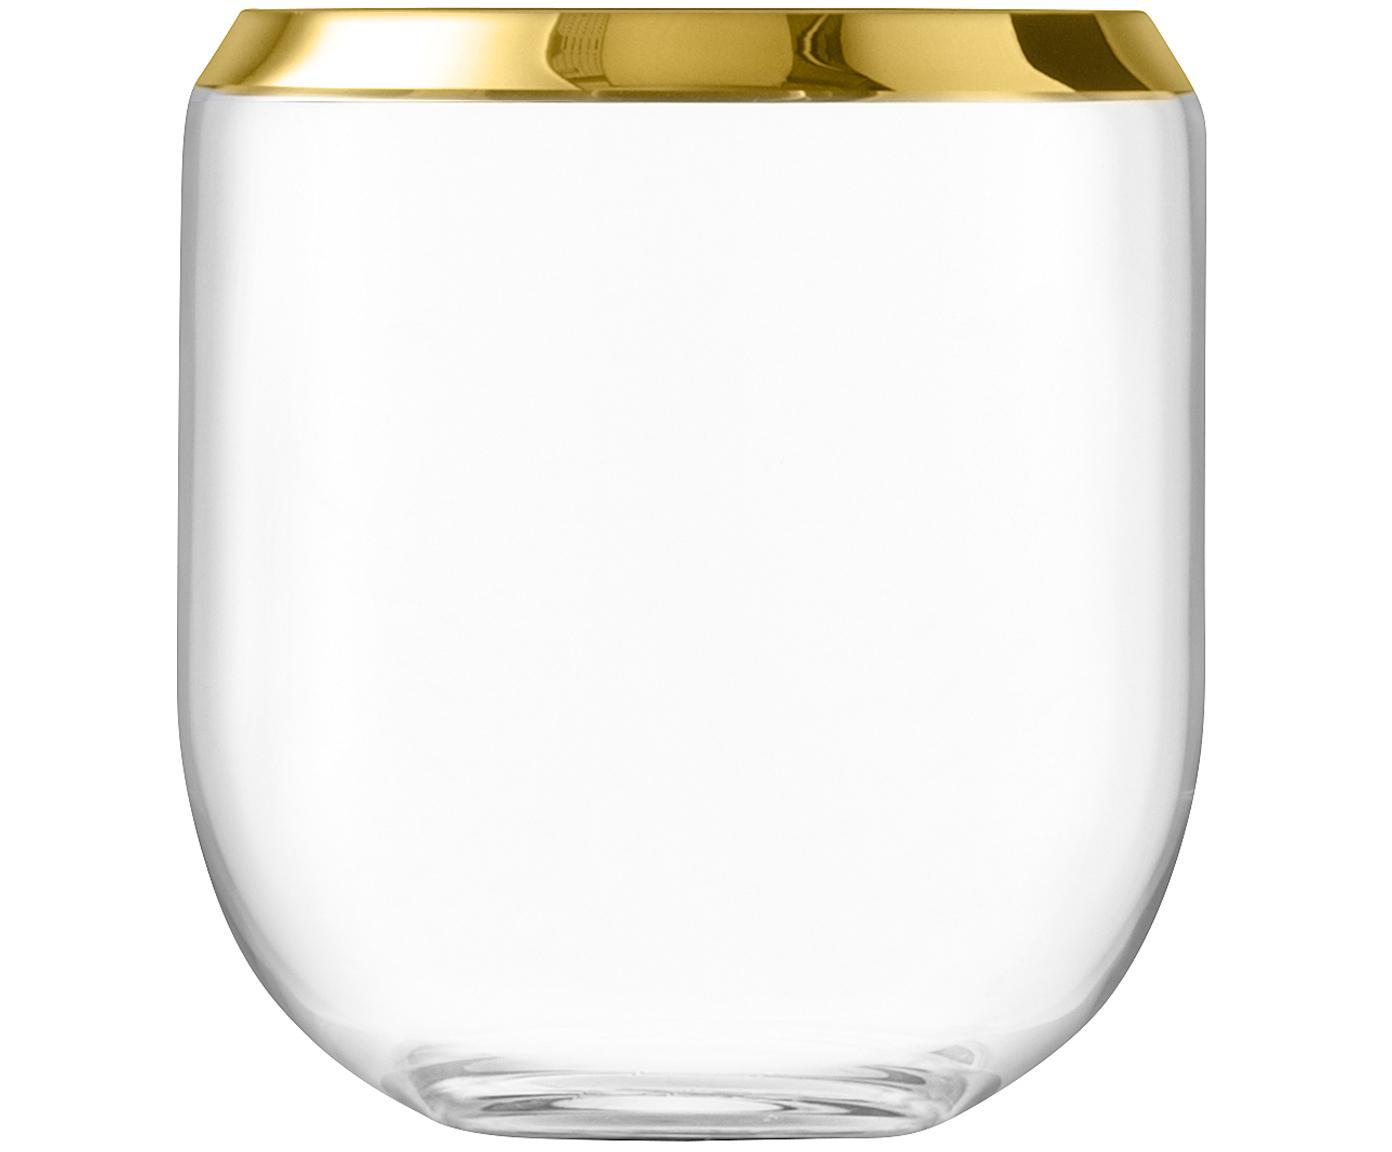 Mundgeblasene Vase Space, Glas, Transparent, Goldfarben, Ø 18 x H 20 cm